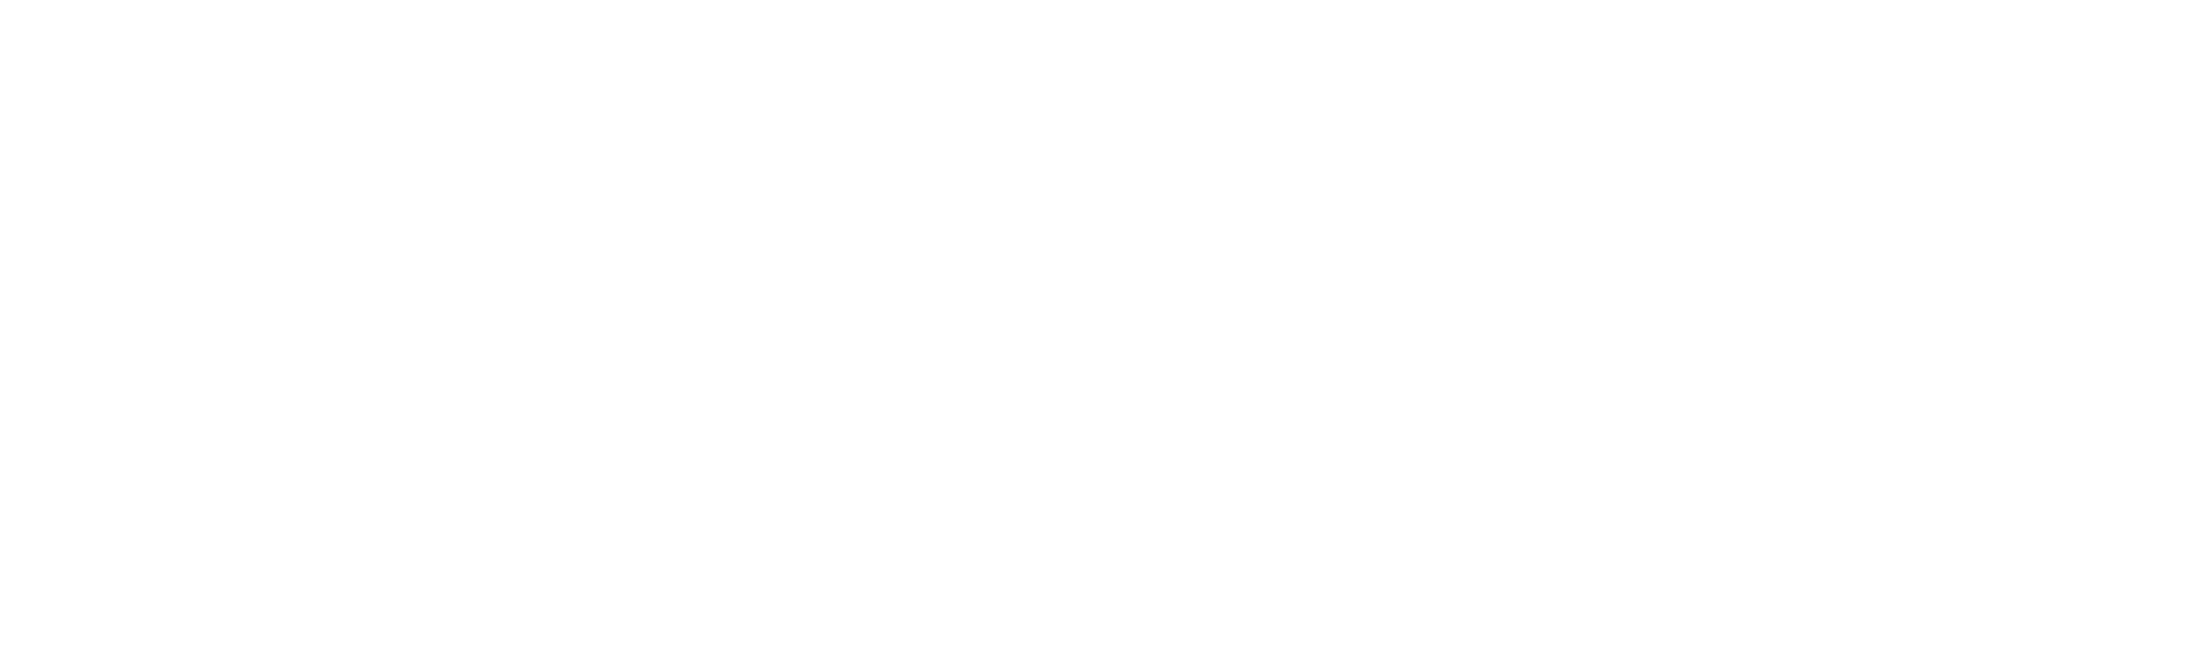 GETTREVIEWS